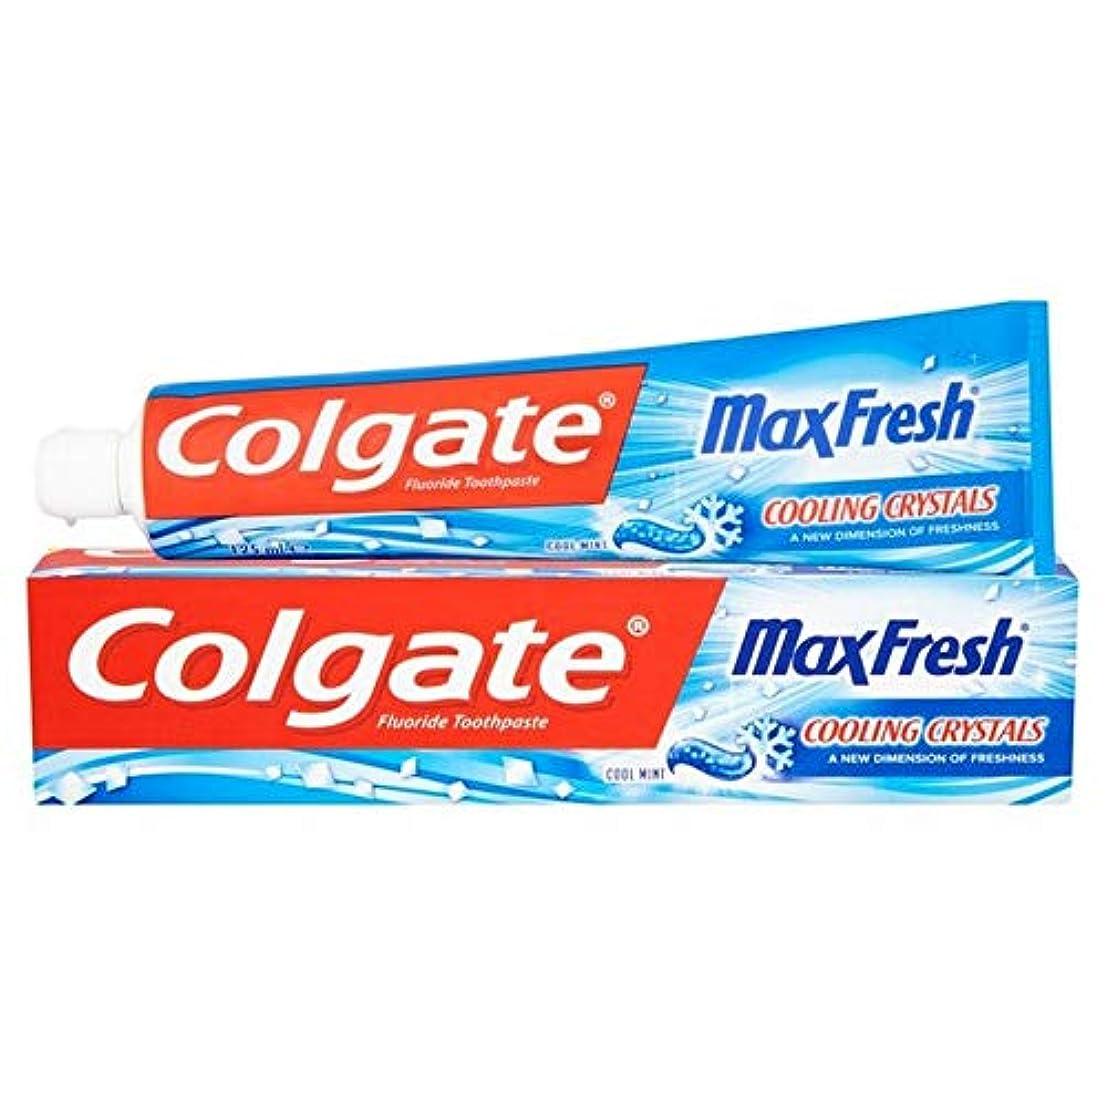 災害郵便ギャラントリー[Colgate ] 冷却結晶歯磨き粉の125ミリリットル新鮮なコルゲートマックス - Colgate Max Fresh with Cooling Crystals Toothpaste 125ml [並行輸入品]